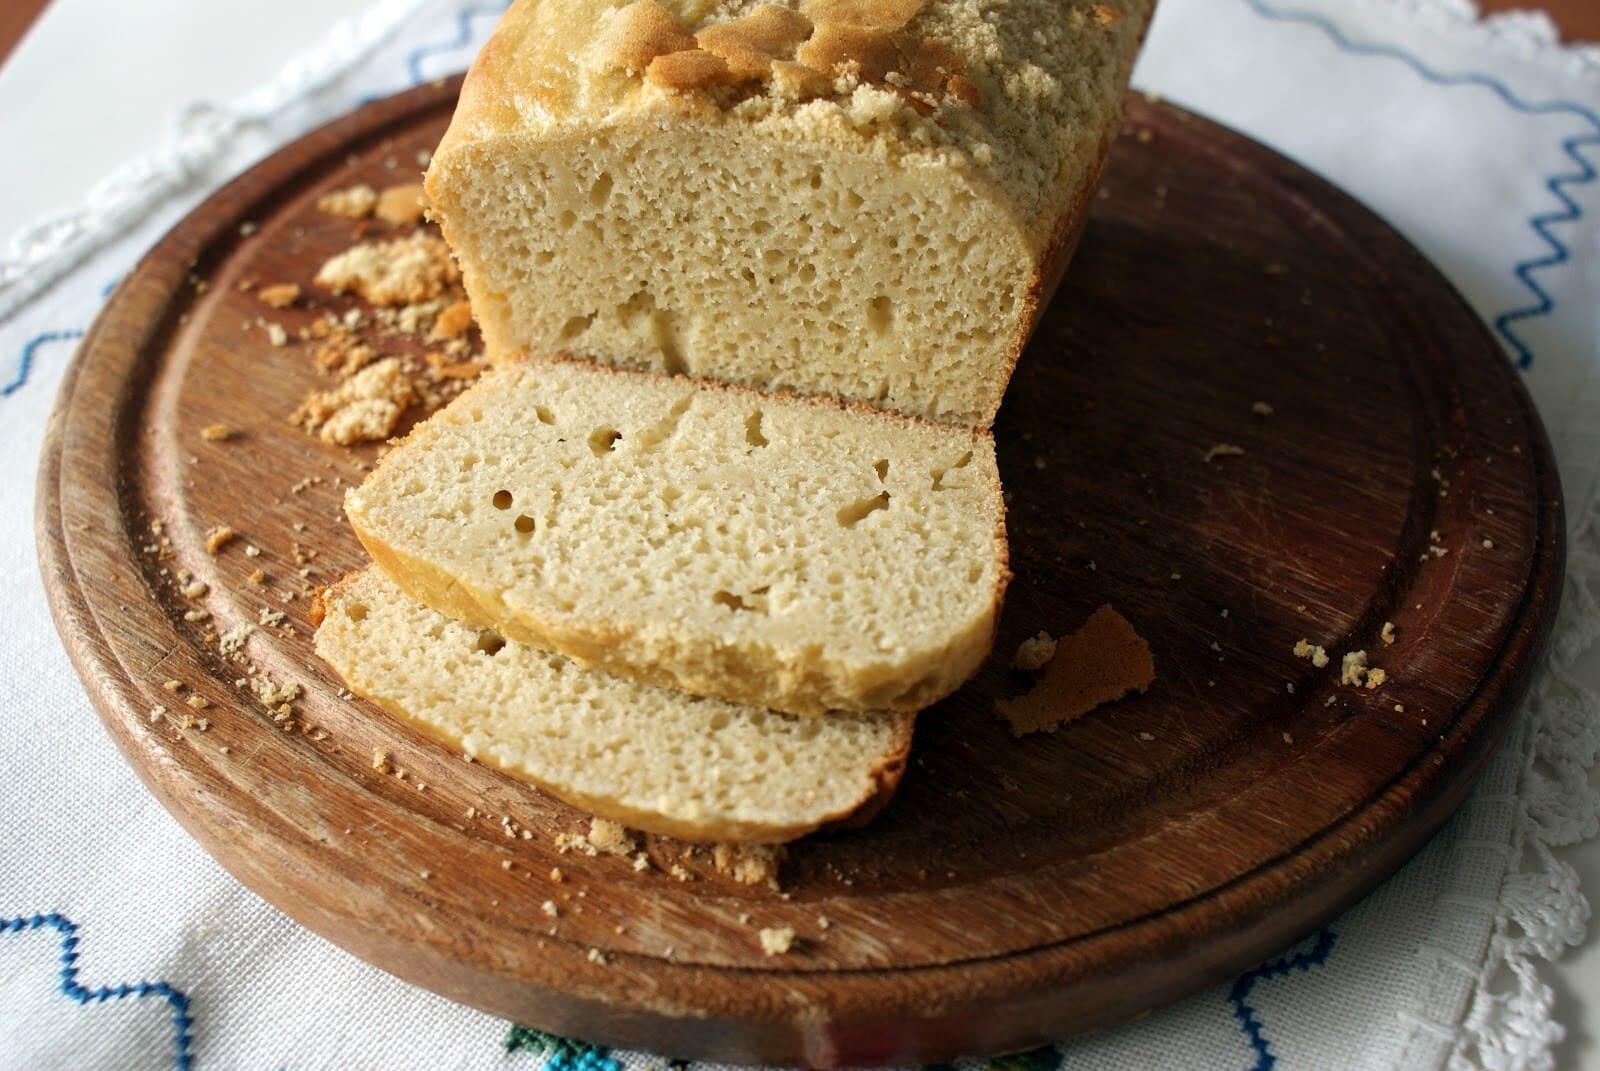 Esse pão não leva farinha de trigo, pois é um ingrediente com glúten. (Foto: Divulgação)